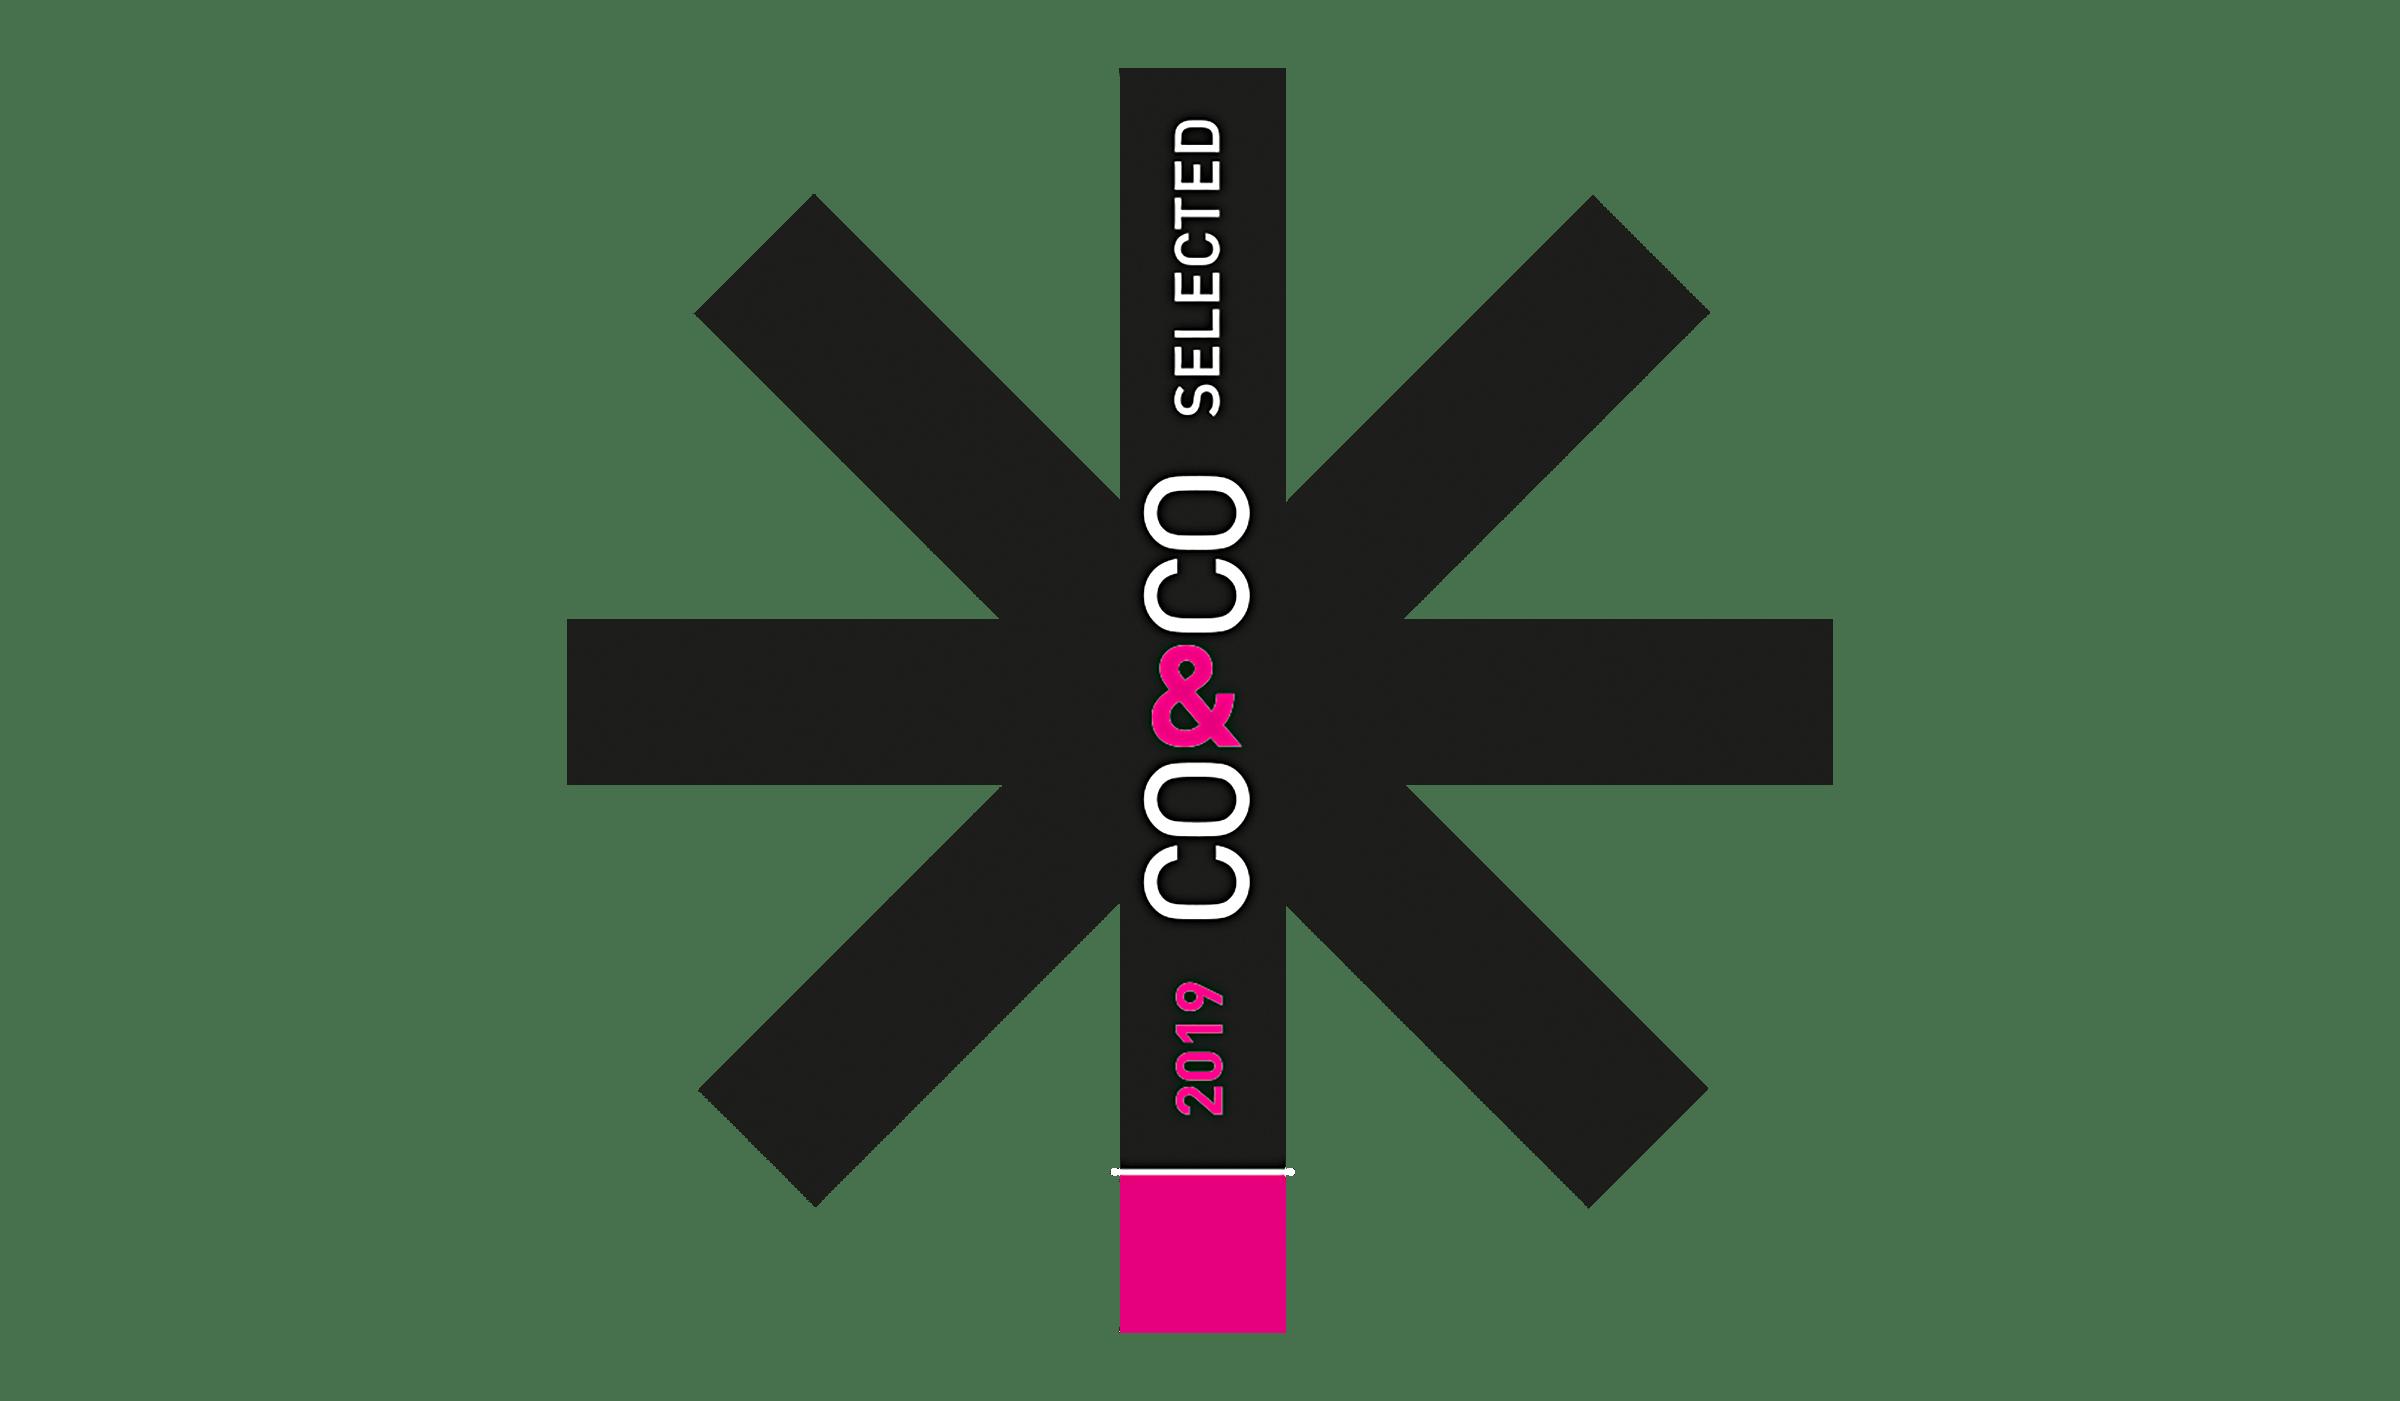 Corporate Design Auszeichnung für die Designagentur mieker - Konzept Design Strategie. Projekt: Branding für Sesyco aus Luxembourg